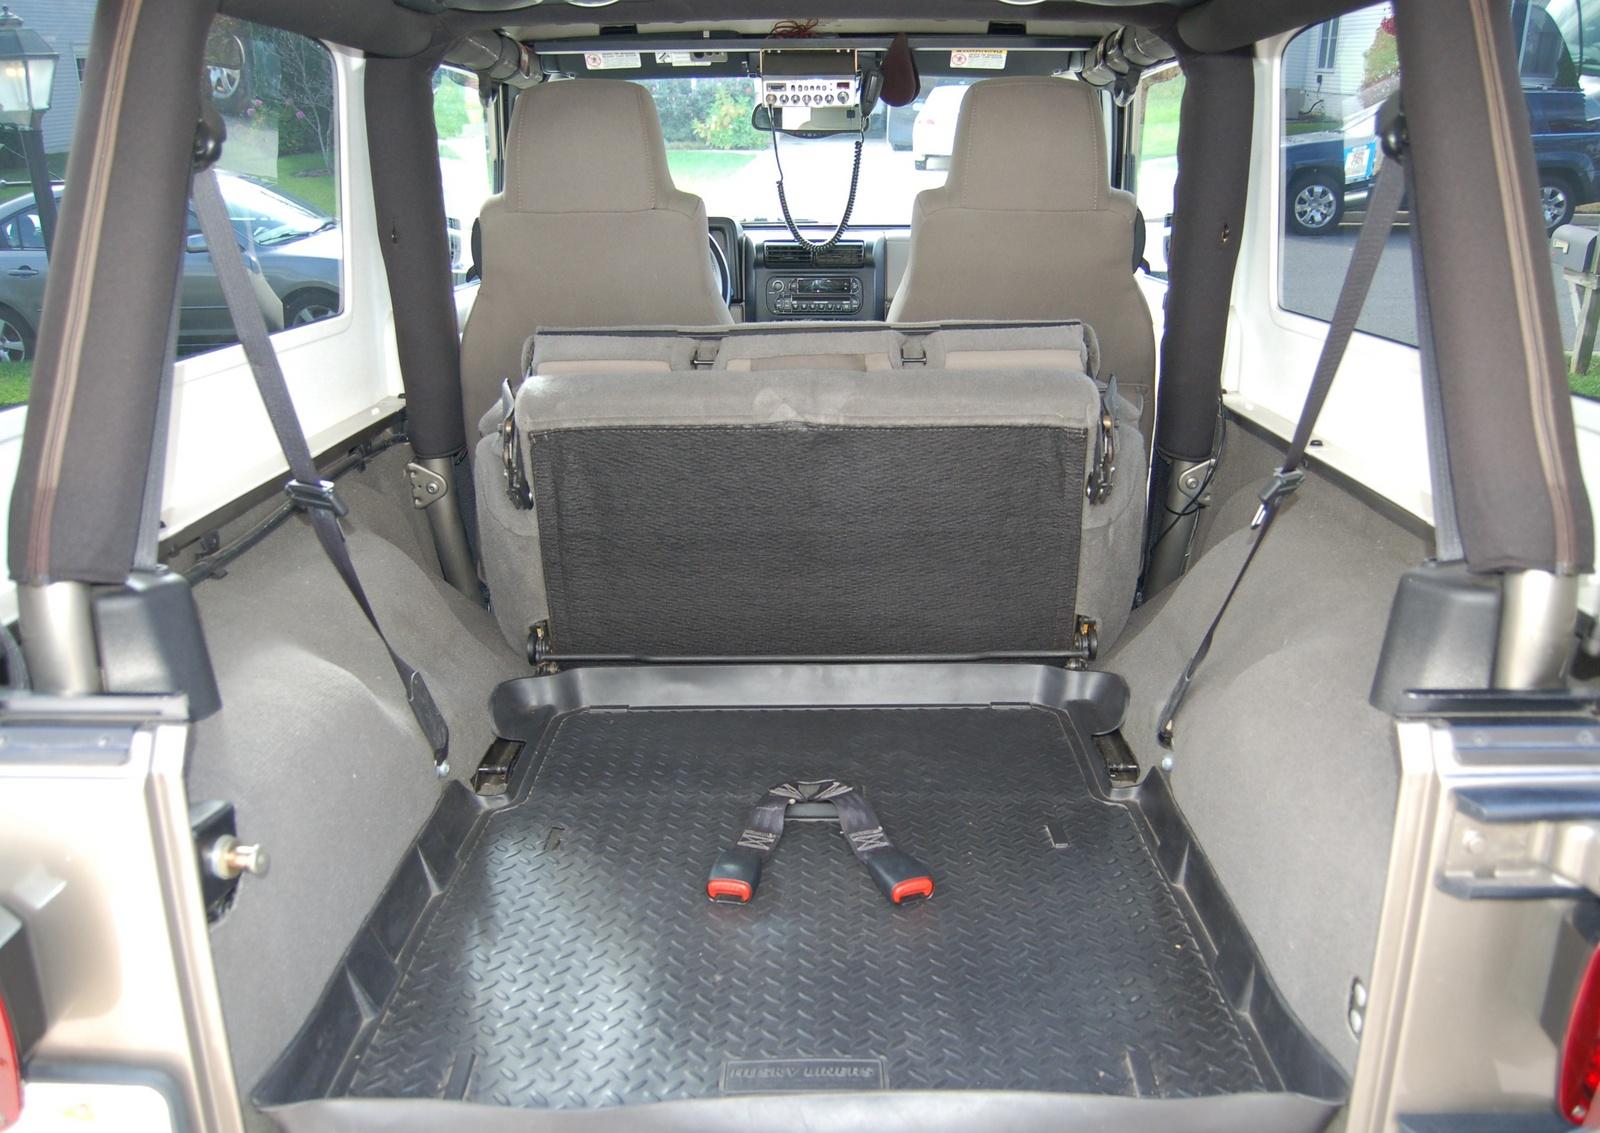 2005 Jeep Wrangler Interior Pictures Cargurus